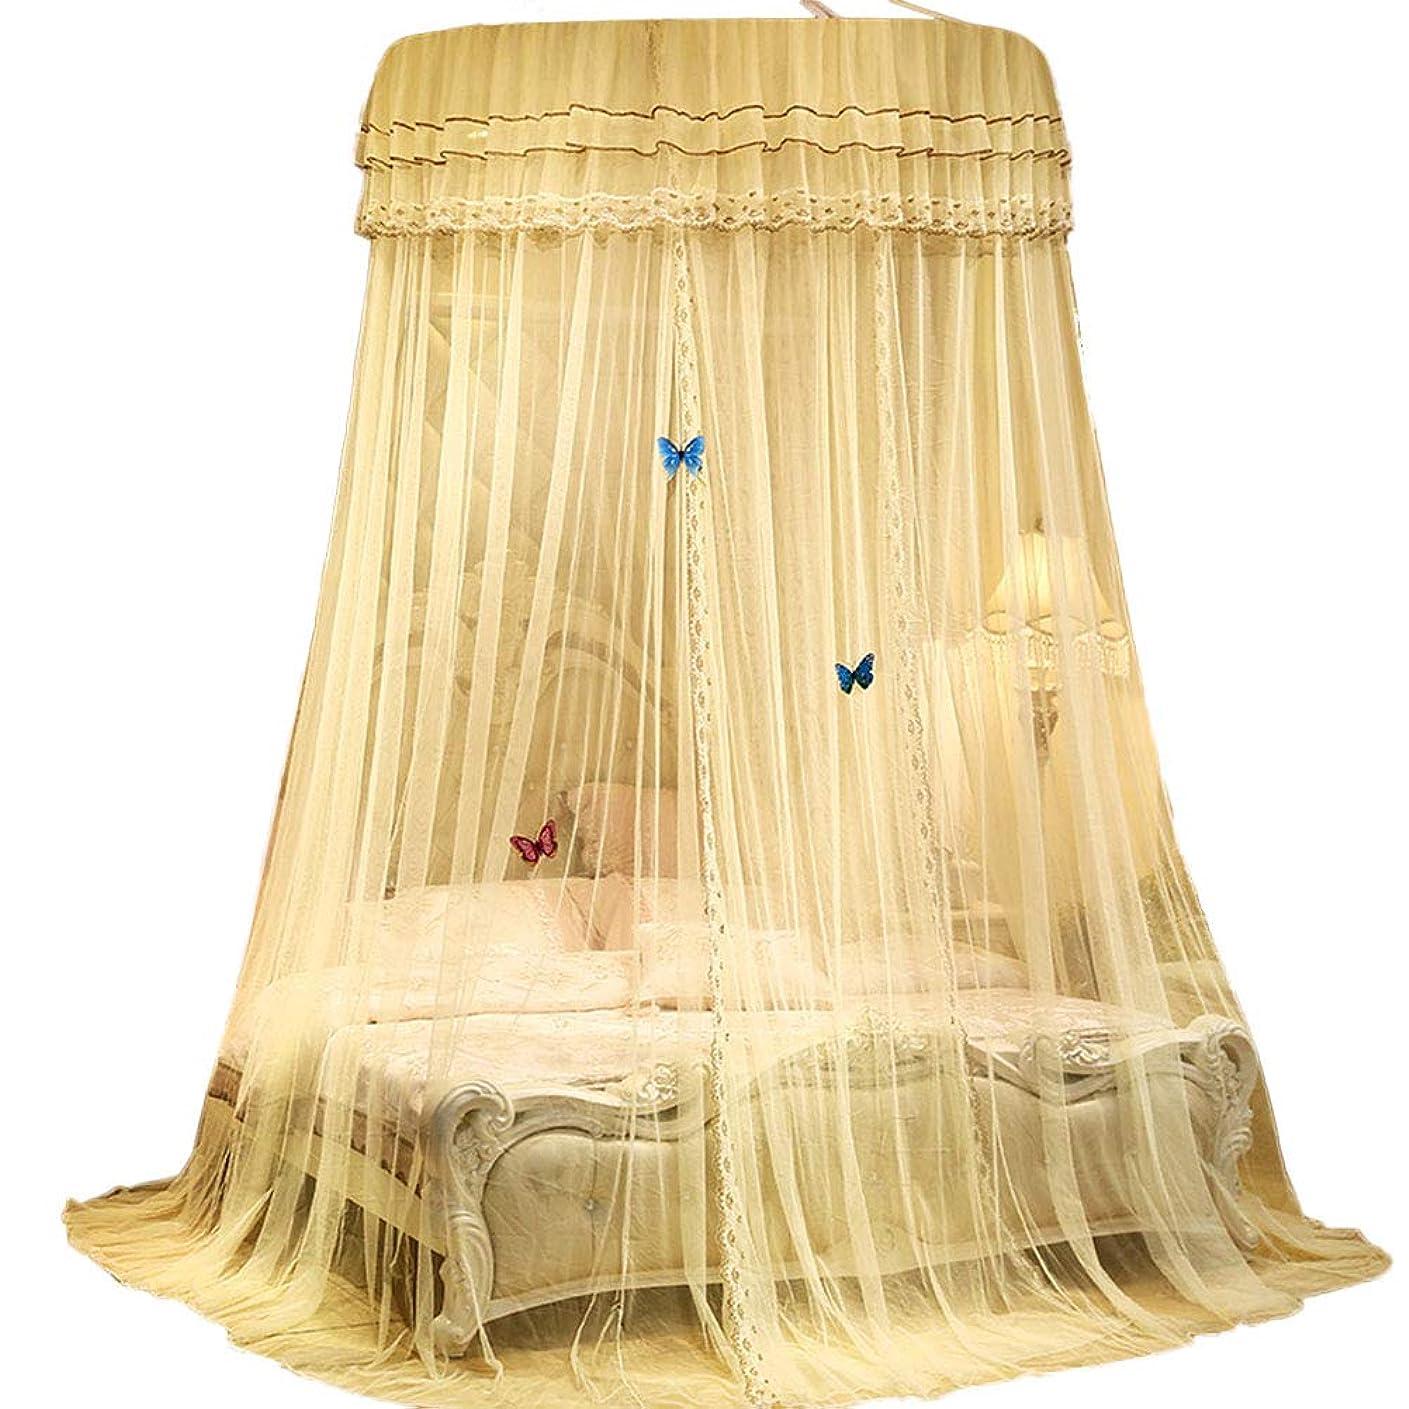 ケニア逃げる対立OUNONA 蚊帳 天蓋カーテン スリーピングカーテン モスキートネットかわいい プリンセス 円形蚊帳 蝶飾り付き お姫様 ガールズ 子供部屋(イエロー)